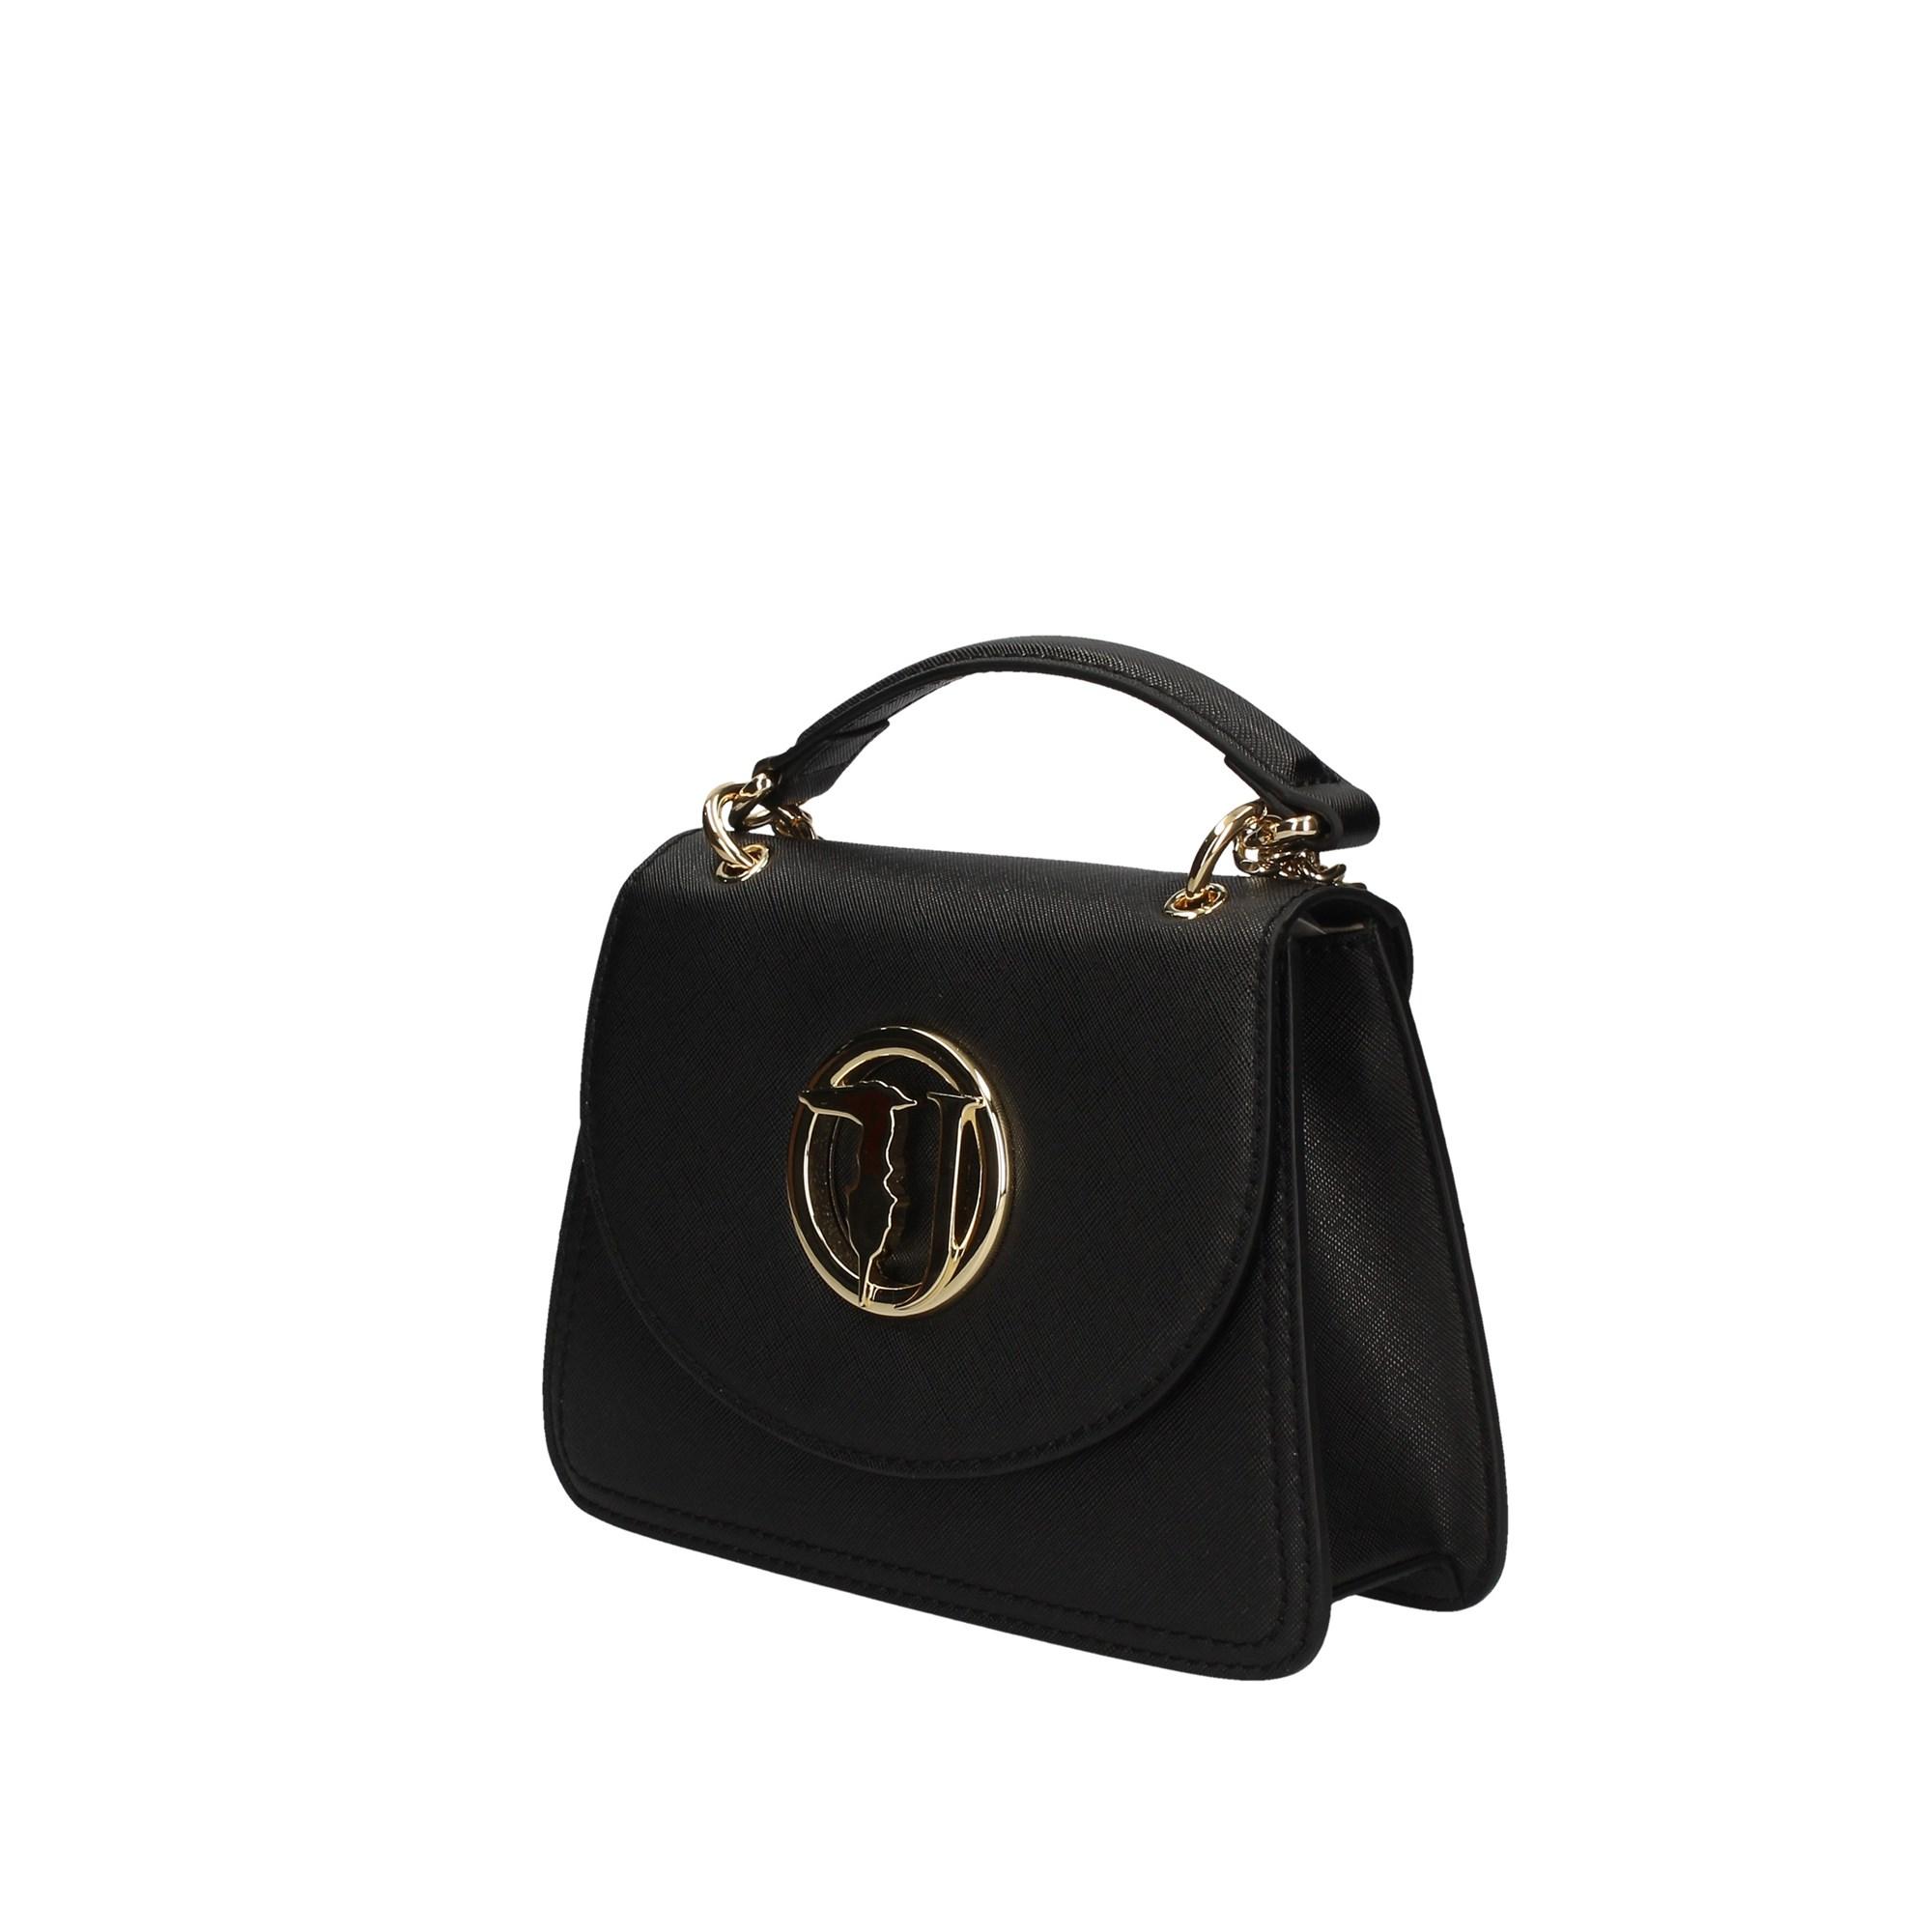 Borse e borsette da donna floreale | Acquisti Online su eBay